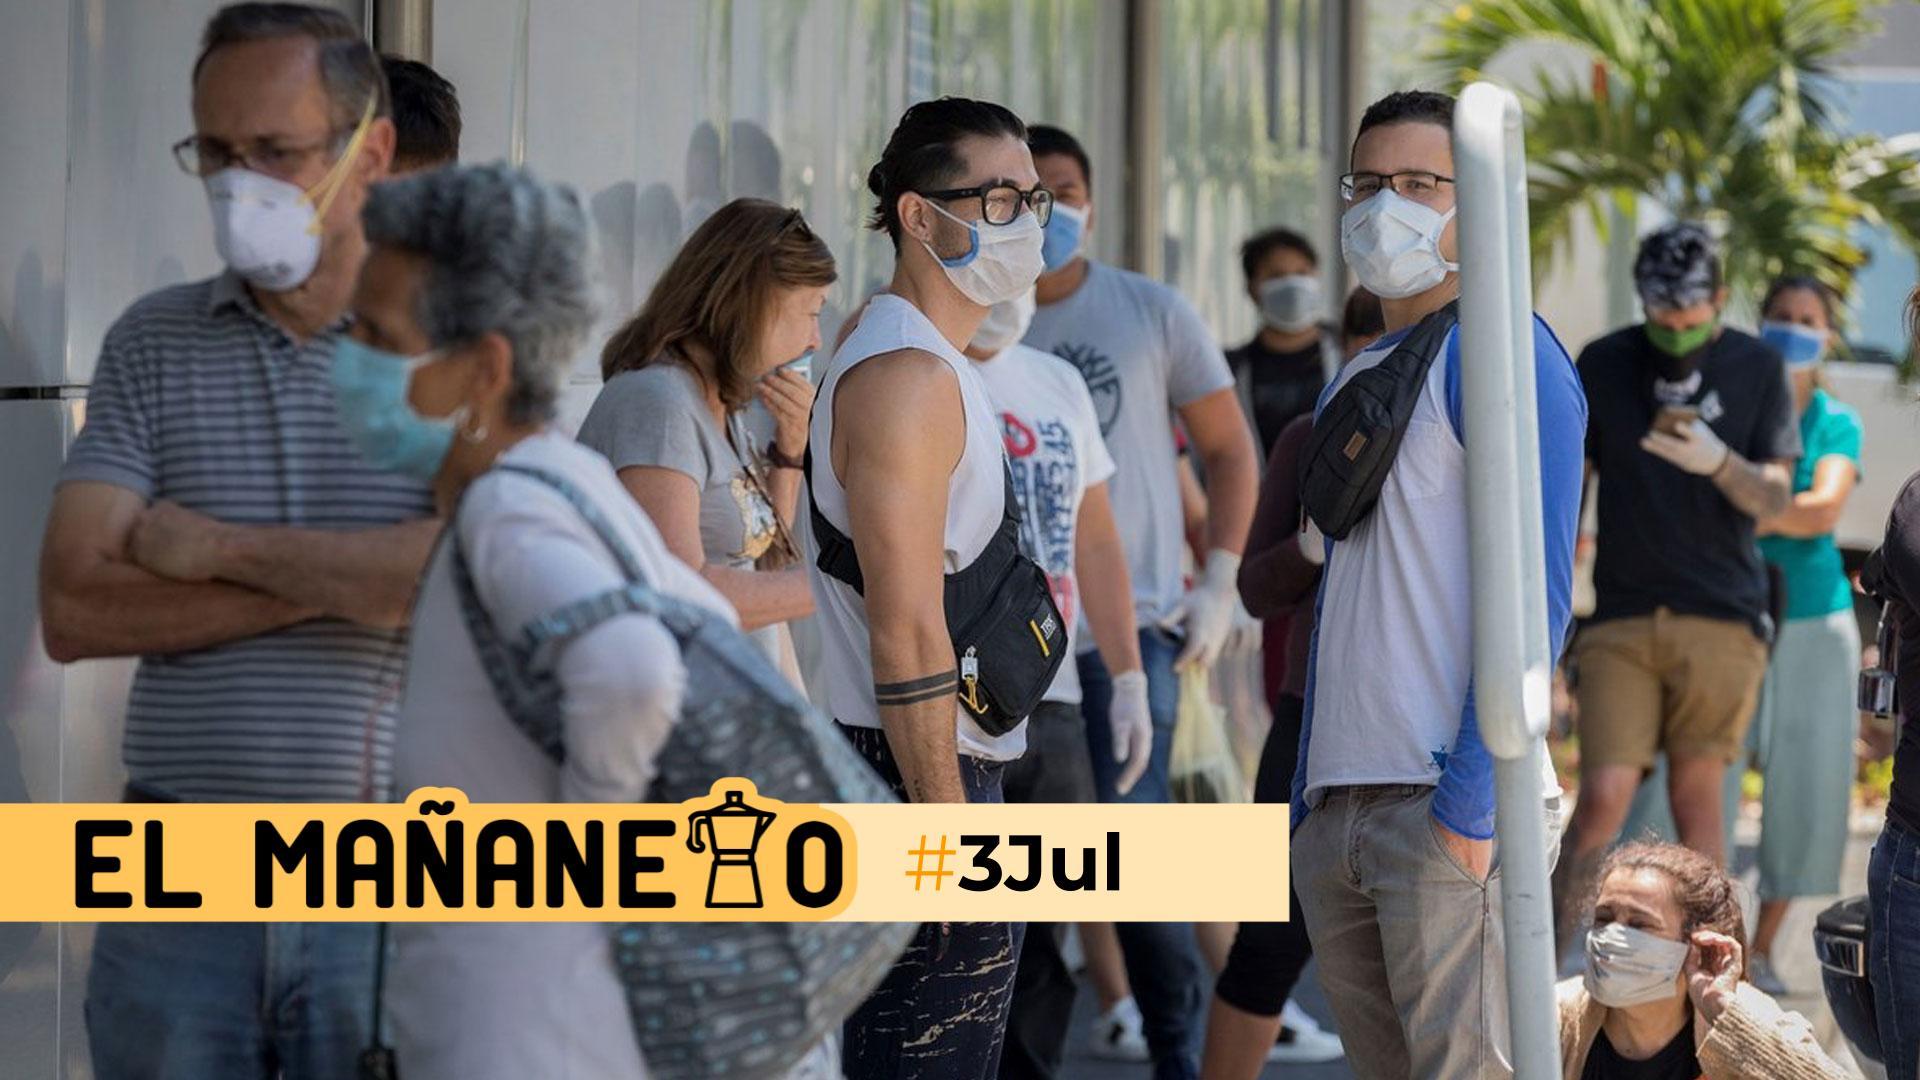 El Mañanero de hoy #3Jul: Las 8 noticias que debes saber